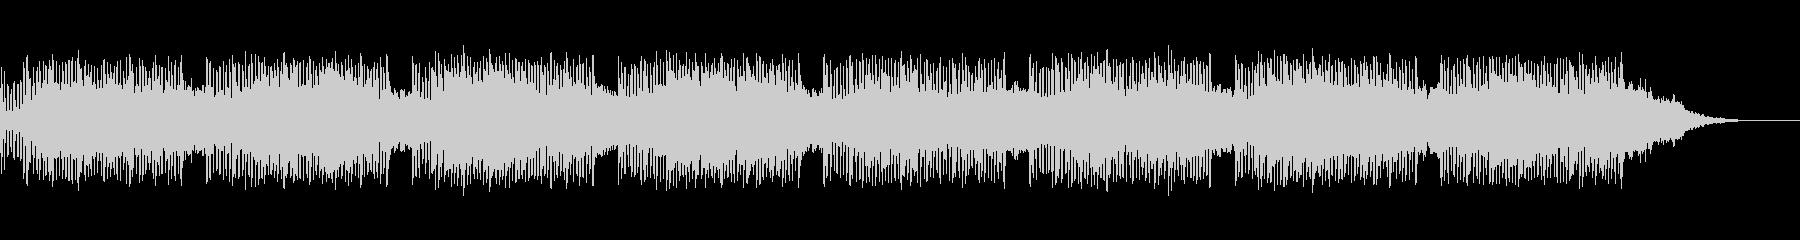 ボイスパーカッションによる民族風の曲の未再生の波形